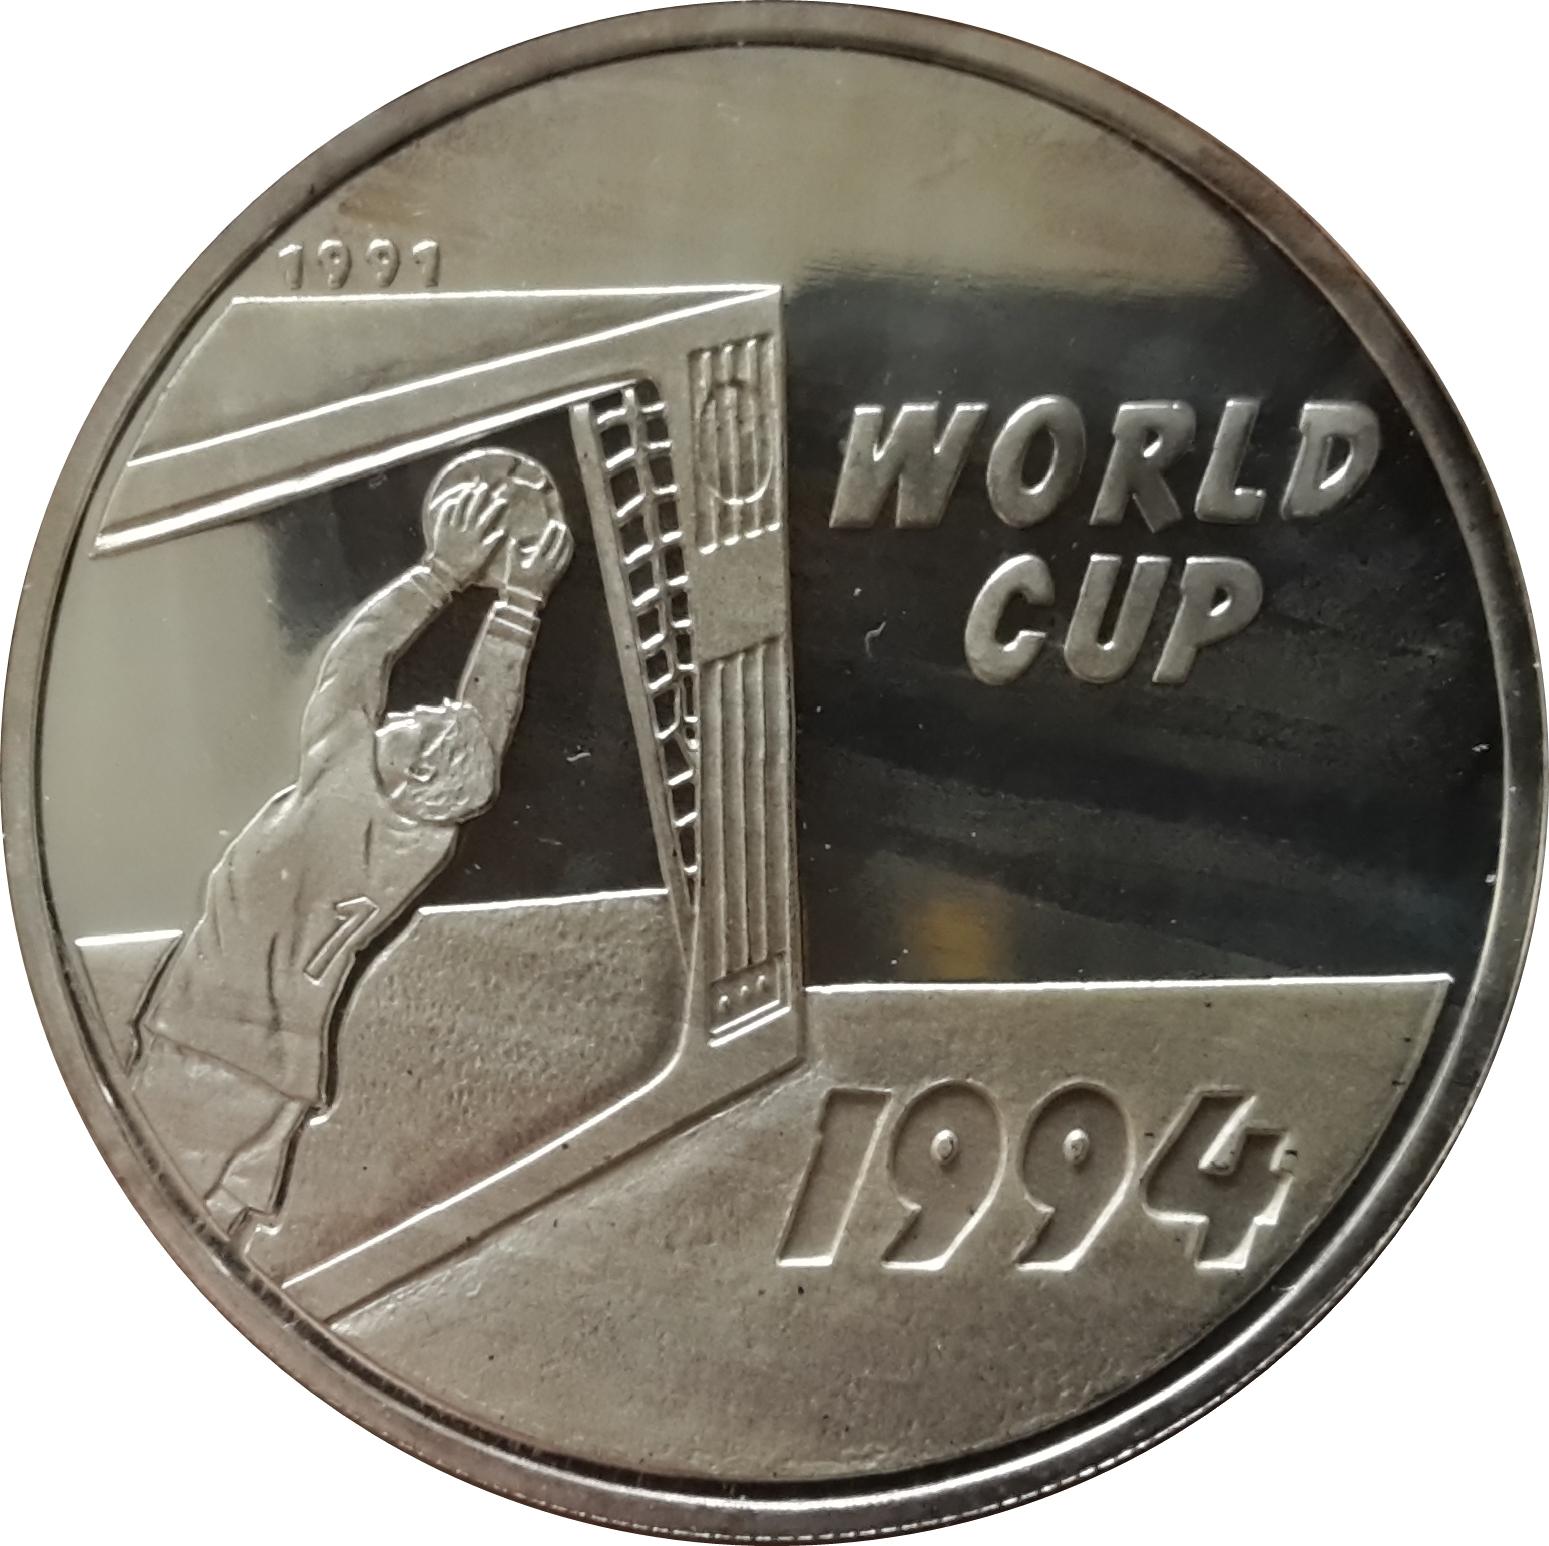 50 kip coupe du monde de football usa 1994 laos numista - Coupe du monde football 1994 ...